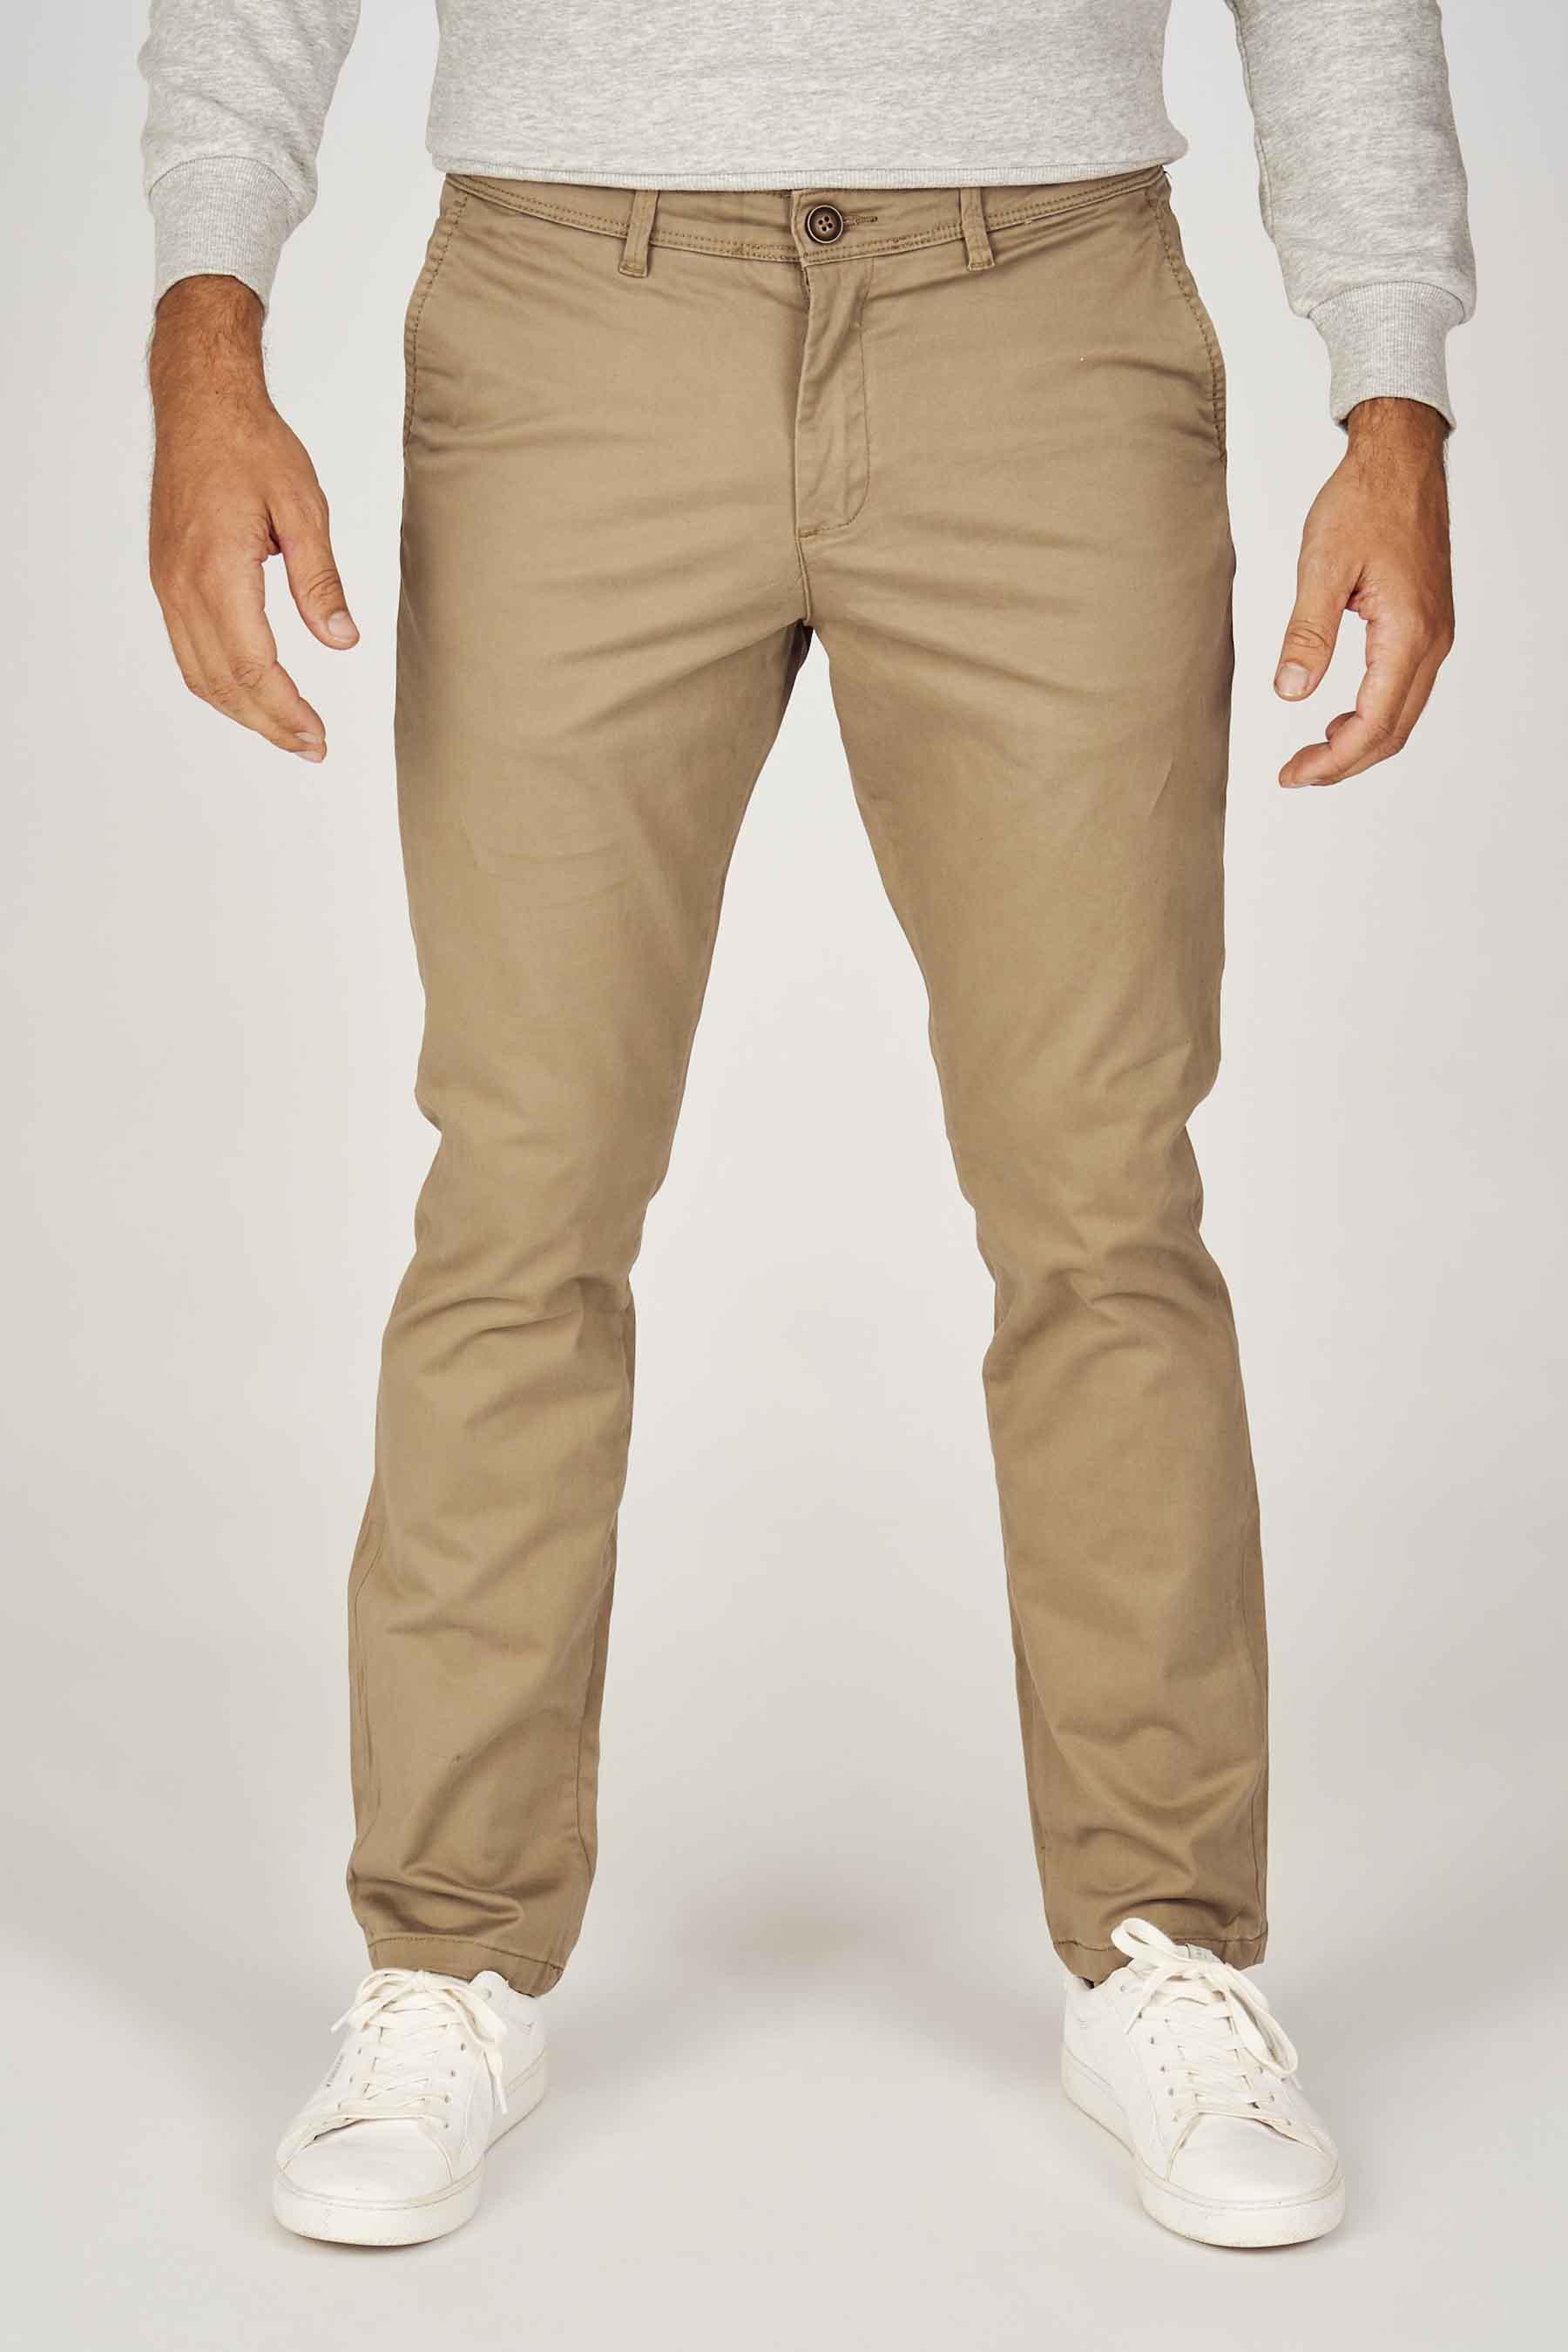 Jack & Jones Jeans Intelligenc Chino, Chino, Heren, Maat: 27x32/28x32/28x34/29x3